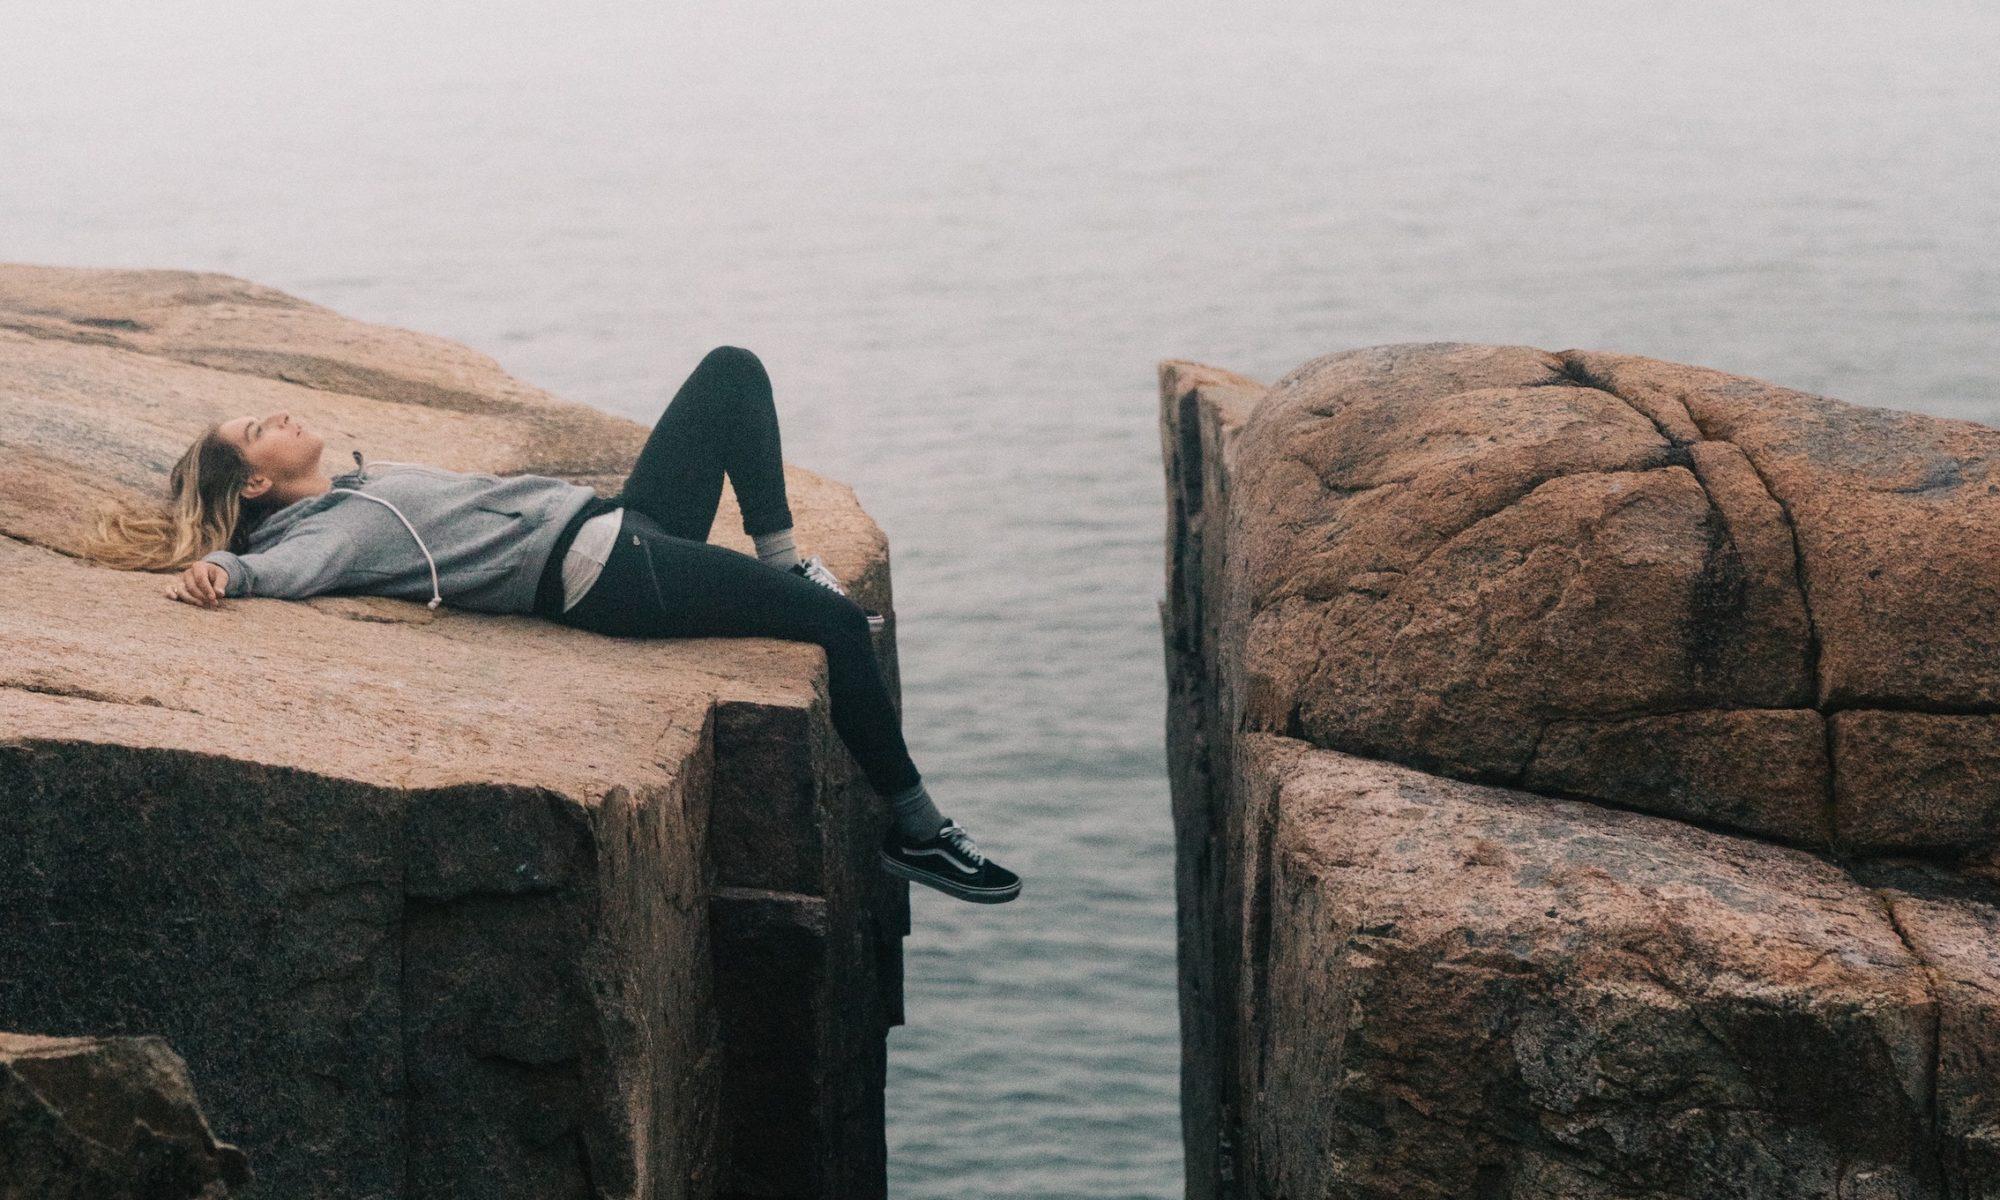 Bekleidete Frau liegt auf einem Felsen, im Hintergrund das Meer.